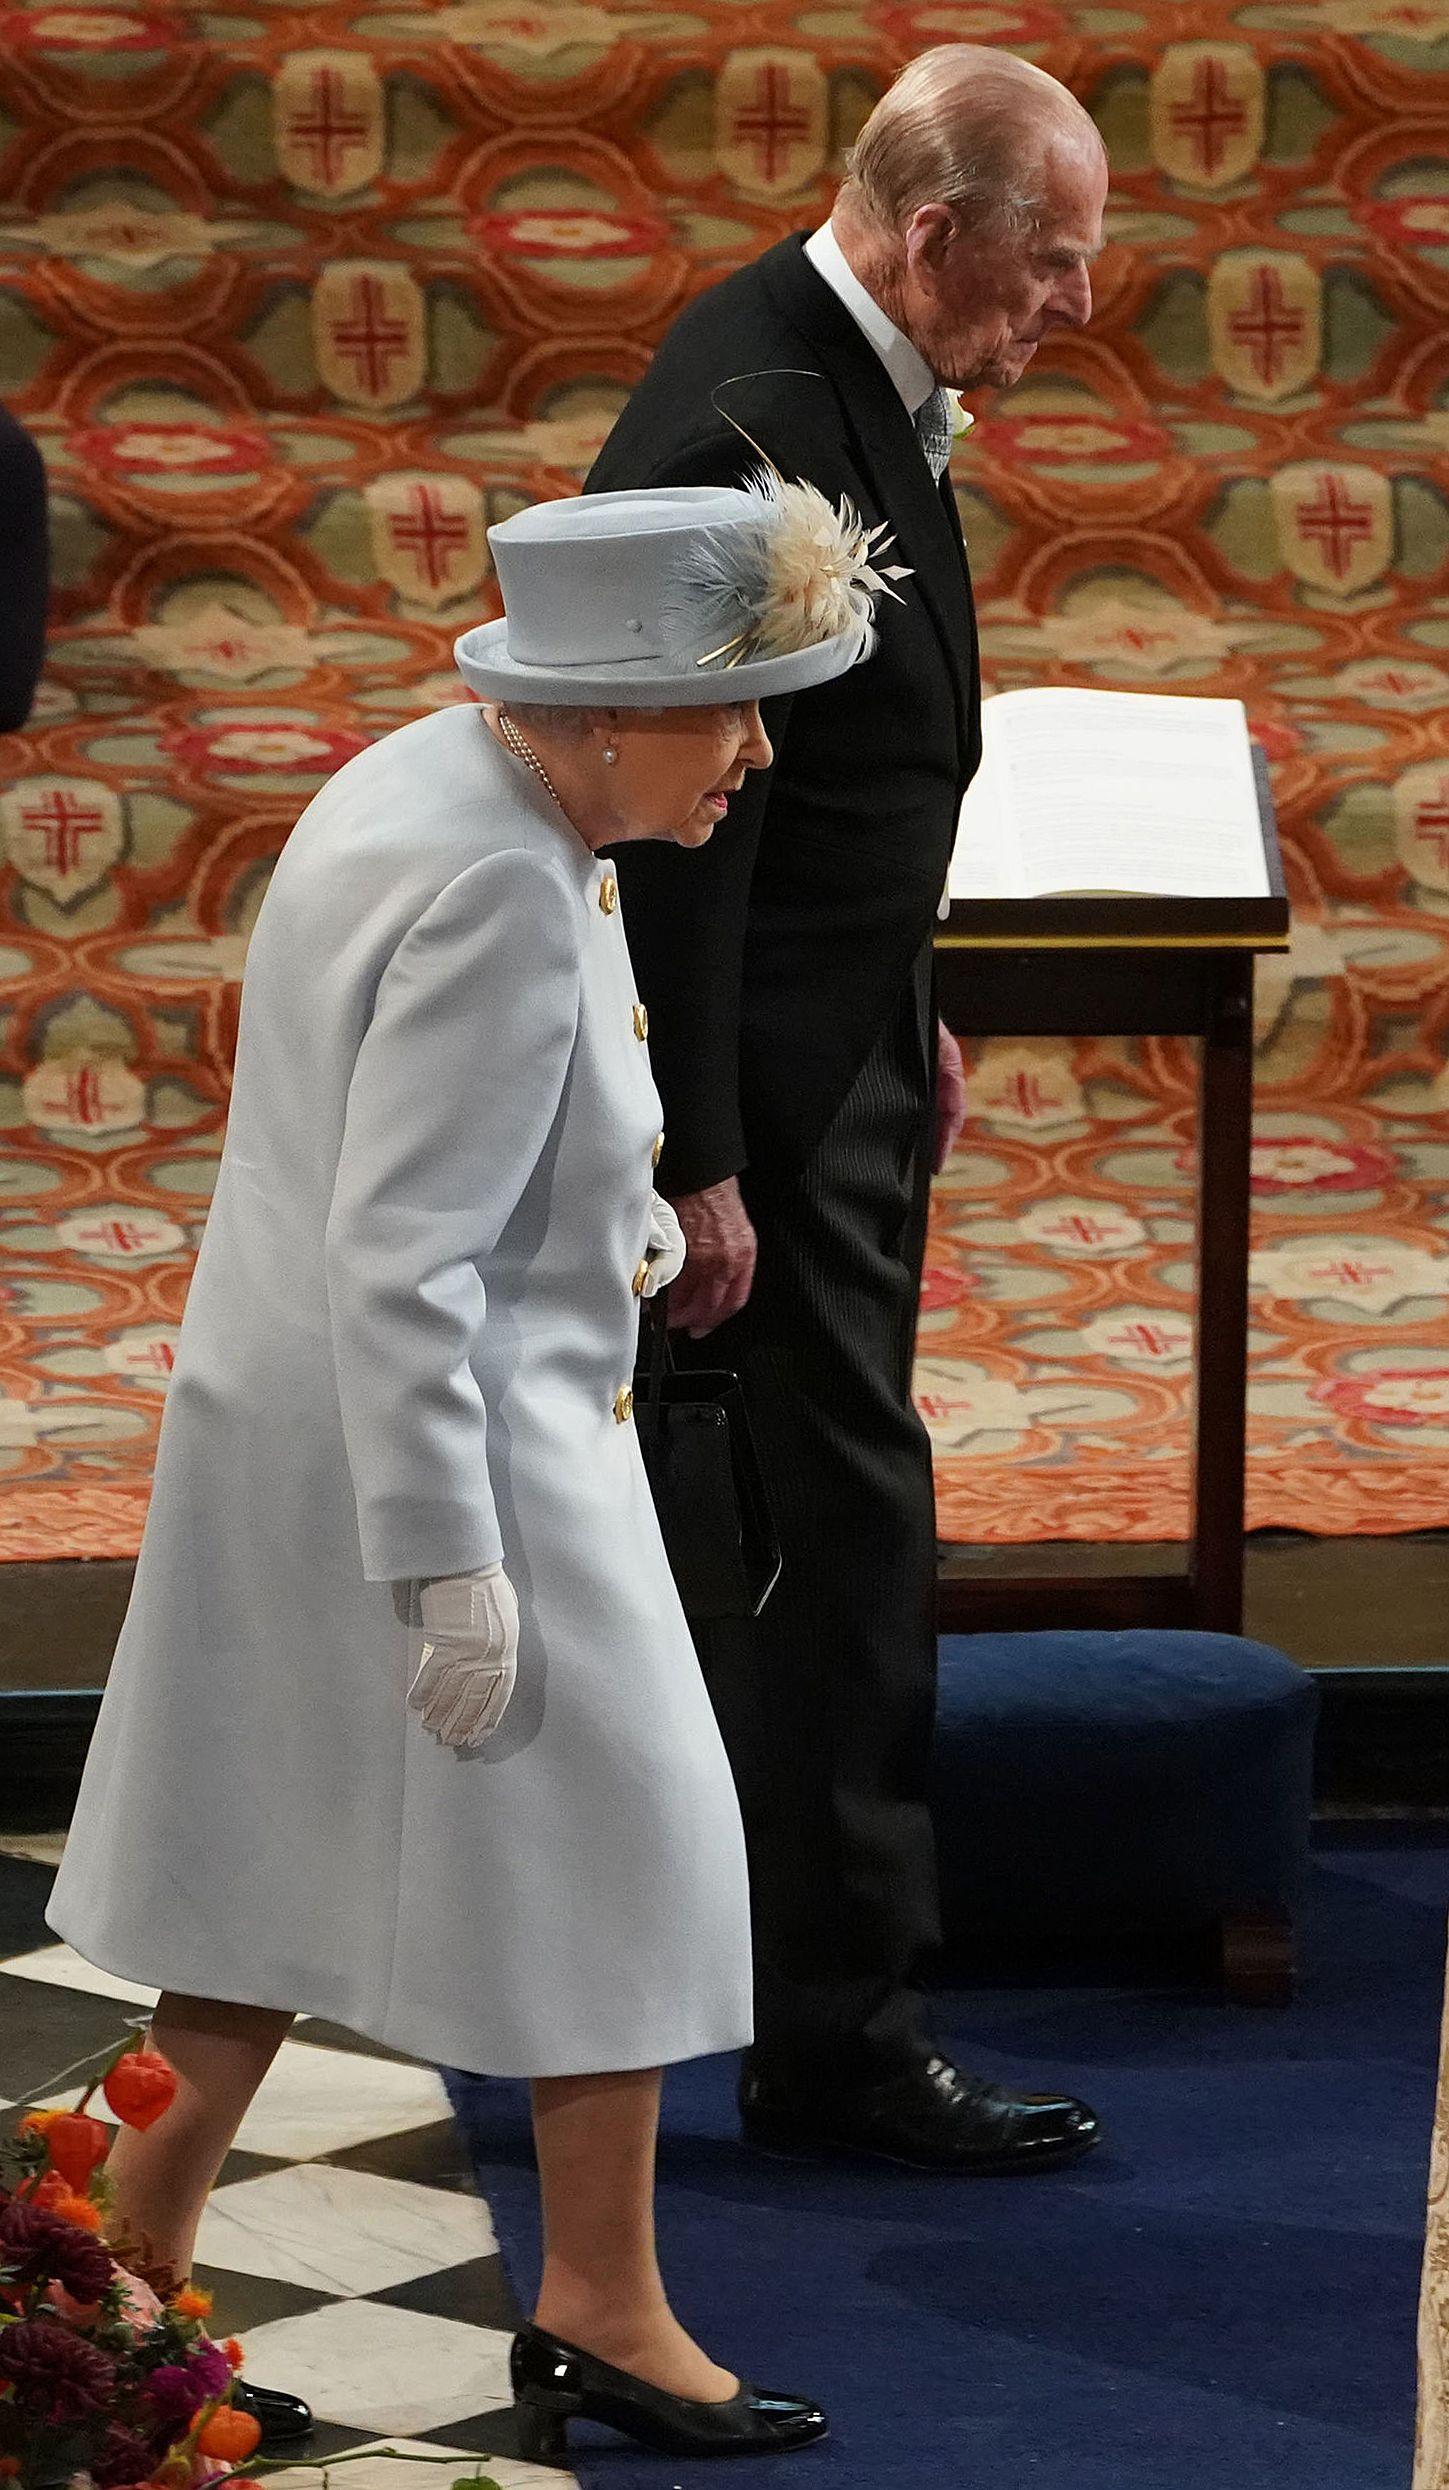 Princess Eugenie married Jack Brooksbank at Windsor Castle